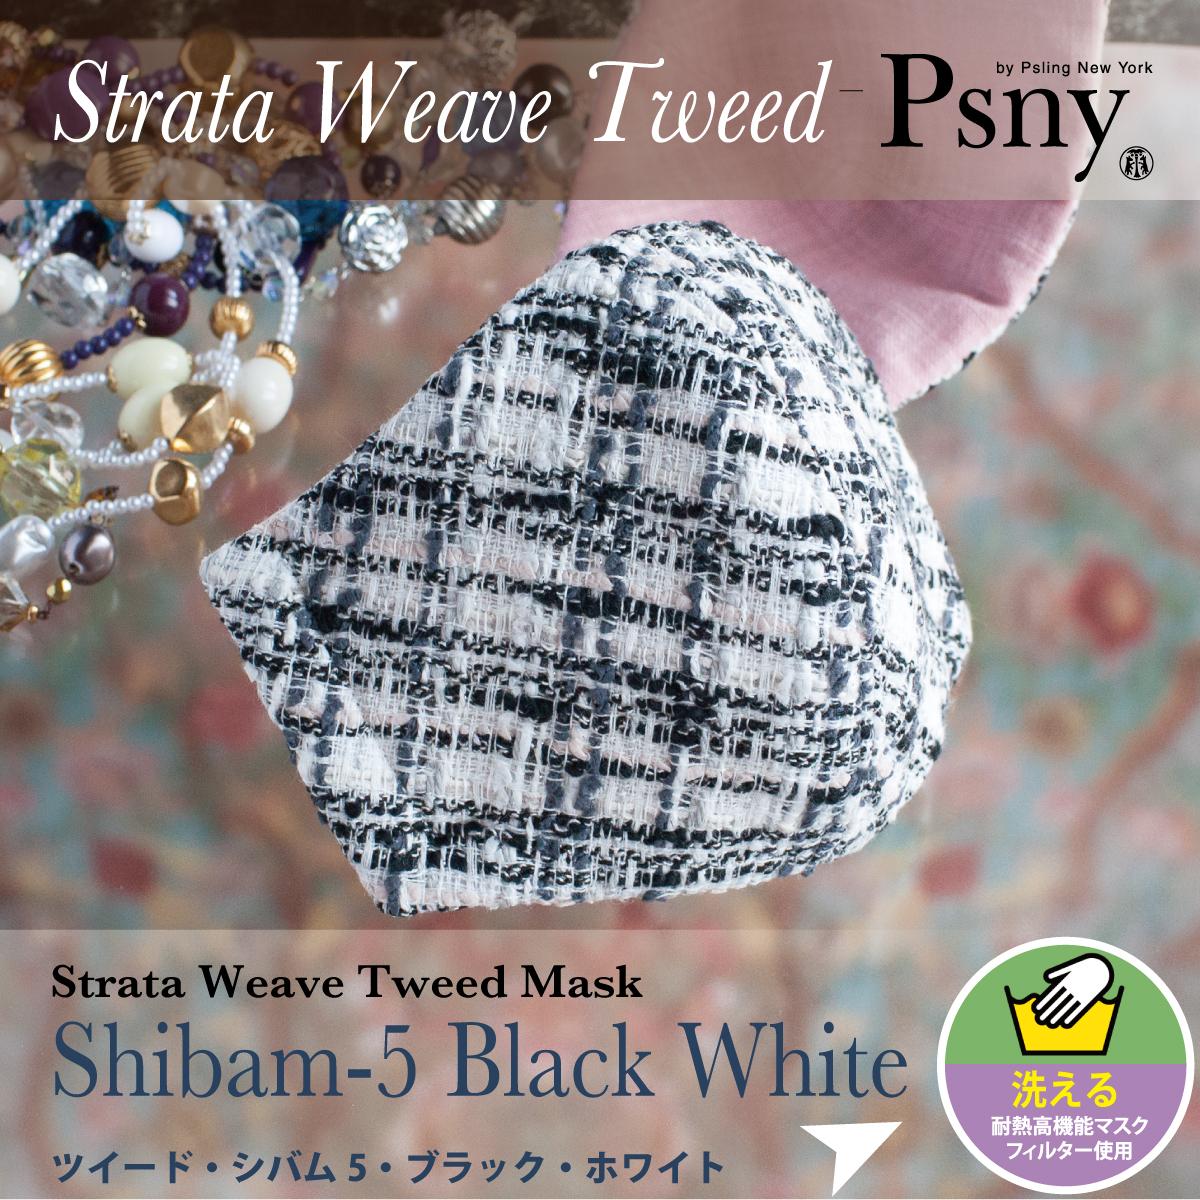 PSNY ツイード・ストラータ・シバム5 フィルター 立体マスク 花粉 大人用 高級 保温 保湿 冬マスク 美人 おしゃれ